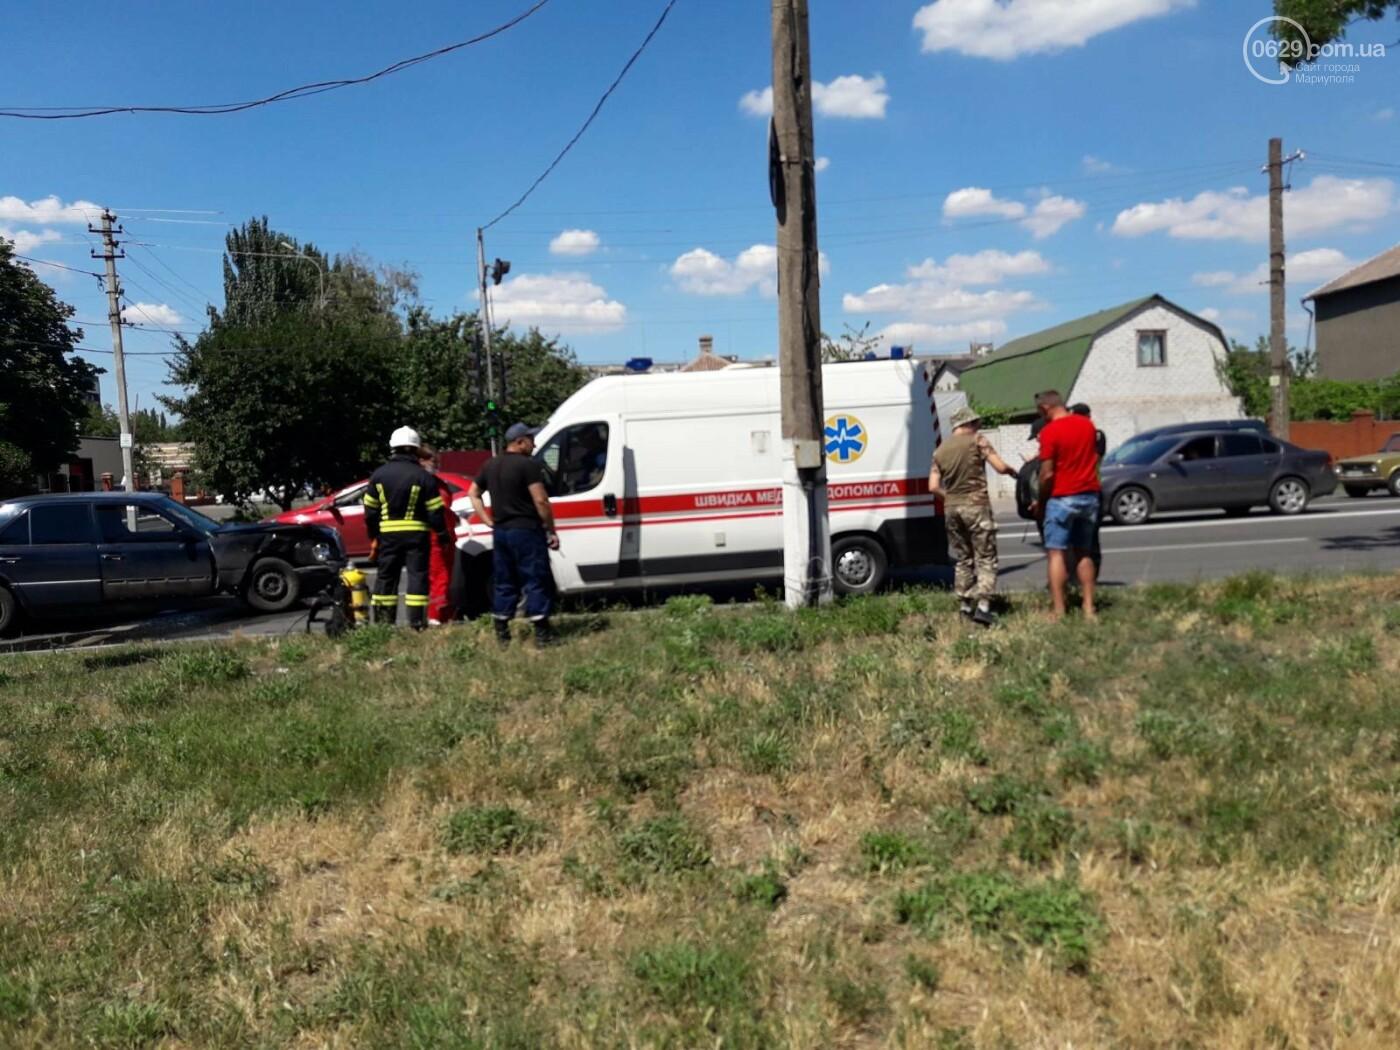 Снова ДТП! В Мариуполе на опасном перекрестке столкнулись Nissan и Mercedes. Пострадала девушка-водитель, - ФОТО, ВИДЕО, фото-7